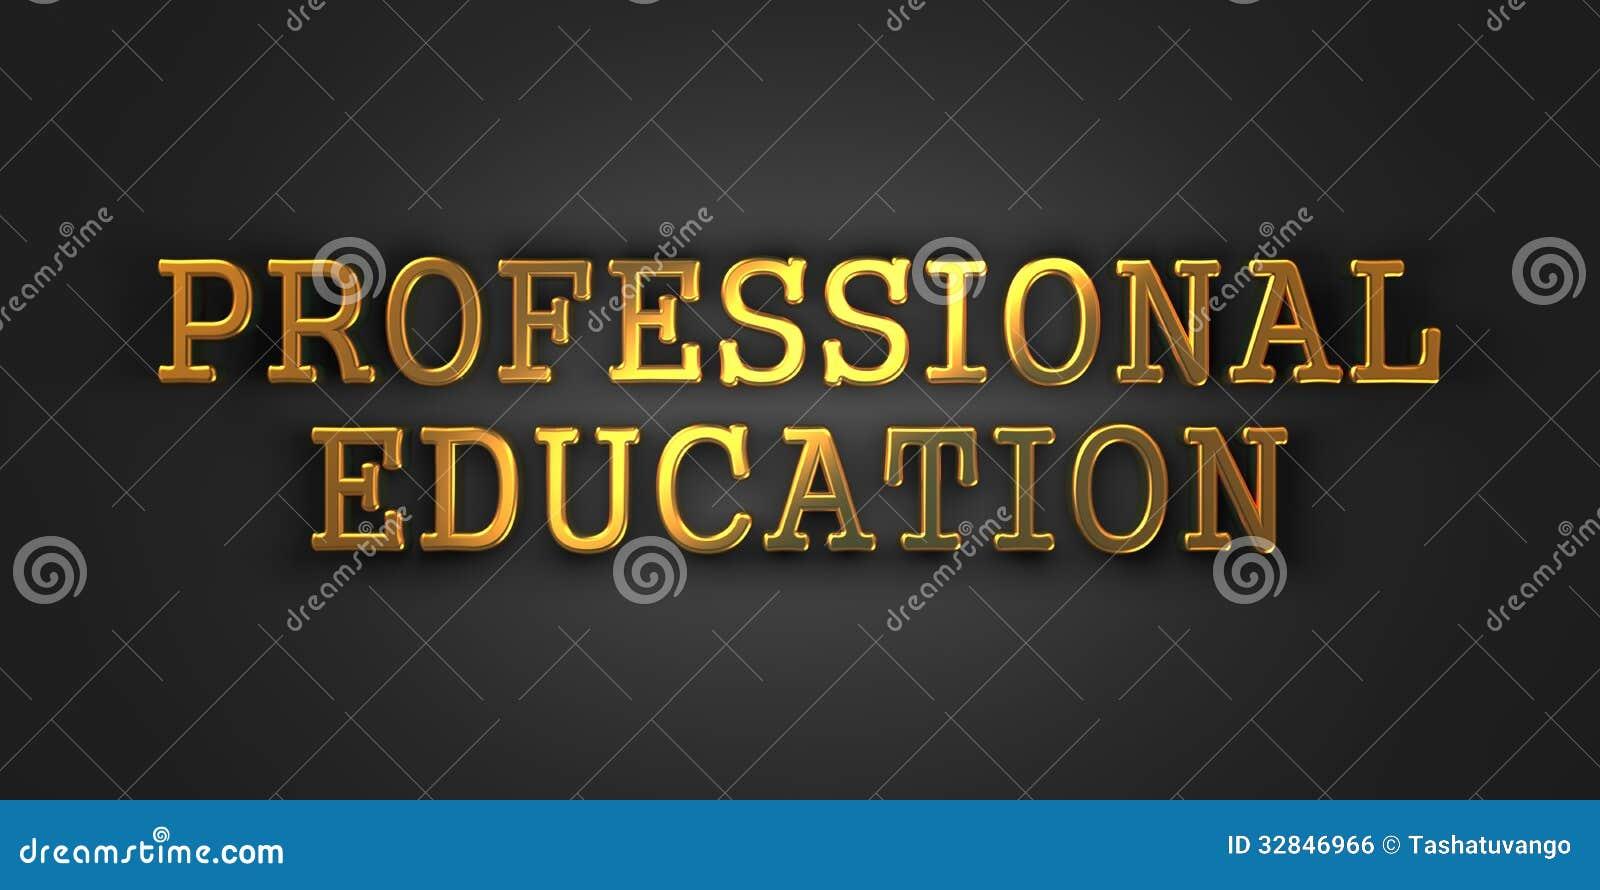 Профессиональное образование. Концепция дела.